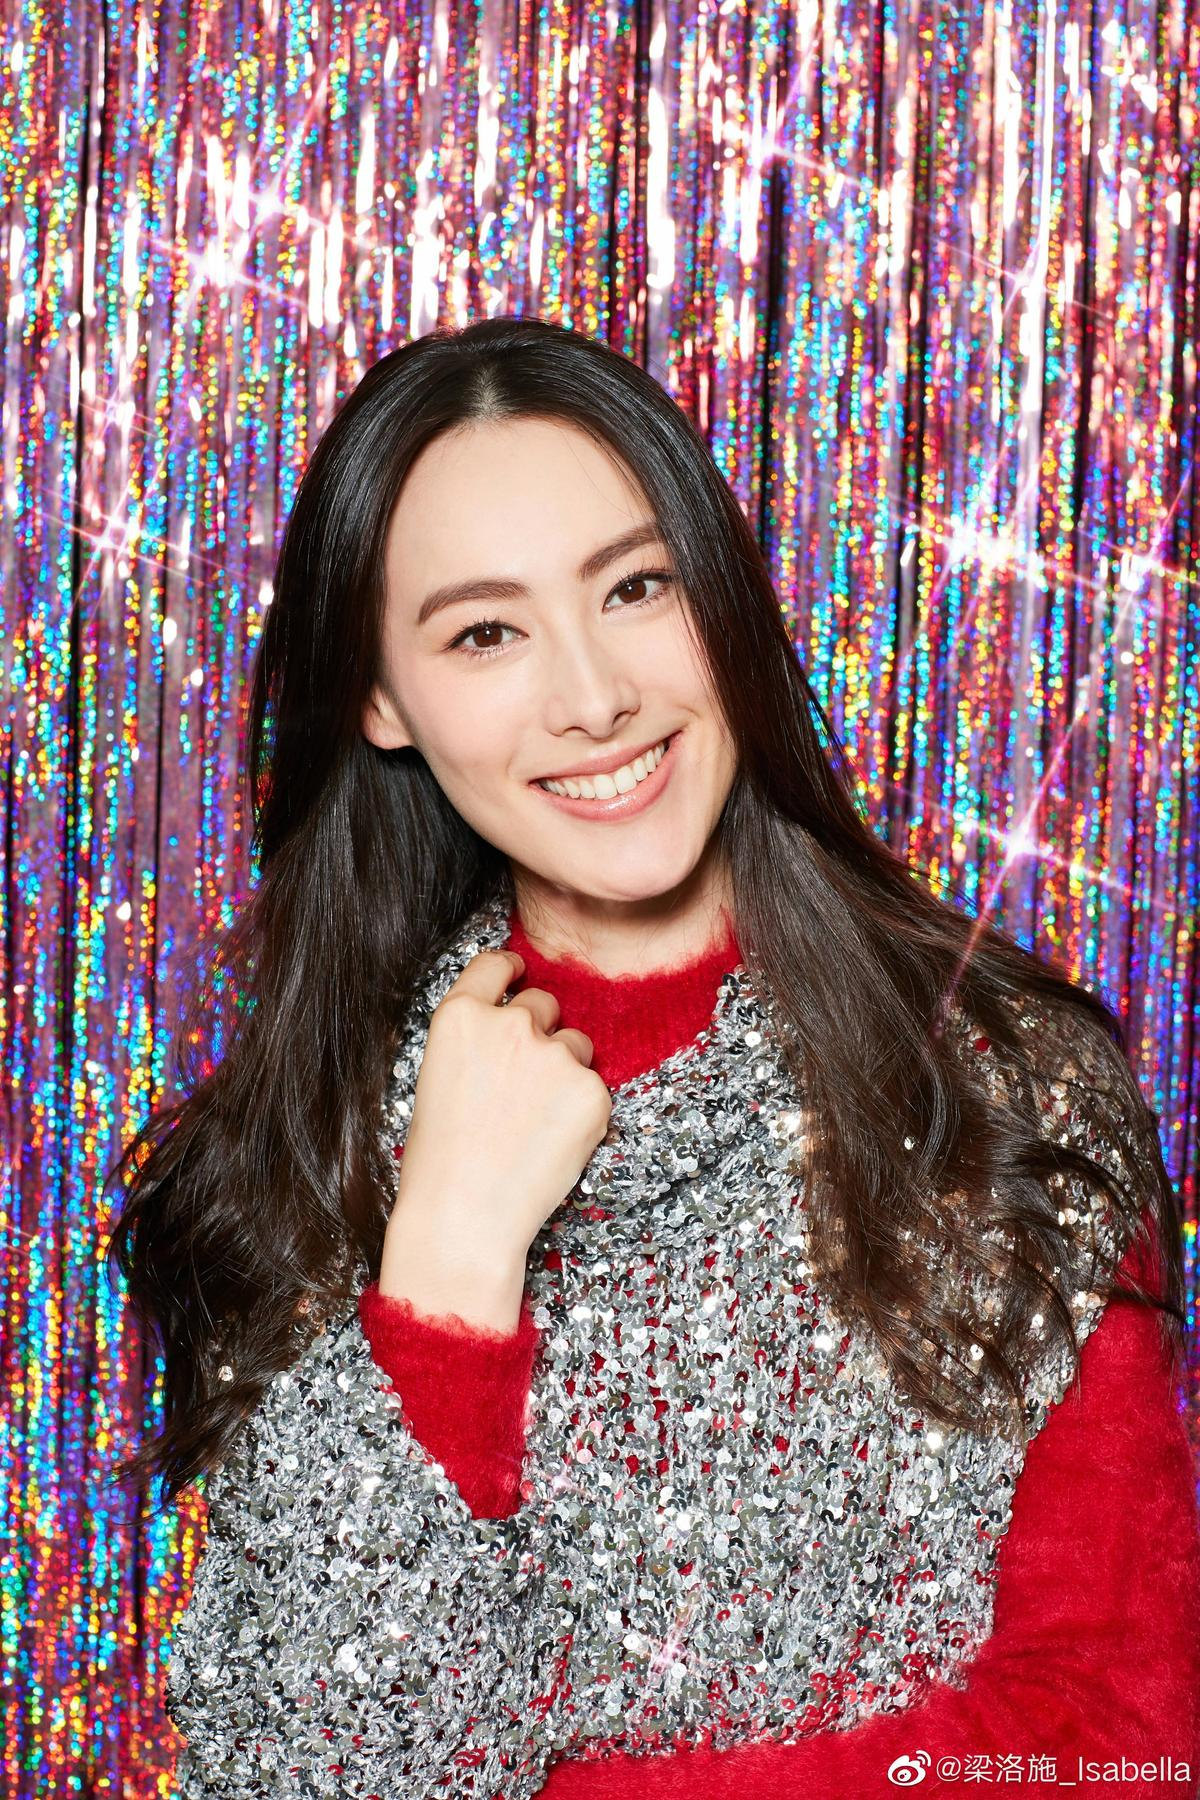 女星梁洛施可以說是娛樂圈未婚生子的典型代表,雖與香港首富兒子李澤楷生下三子卻沒嫁入豪門。(翻攝梁洛施微博)